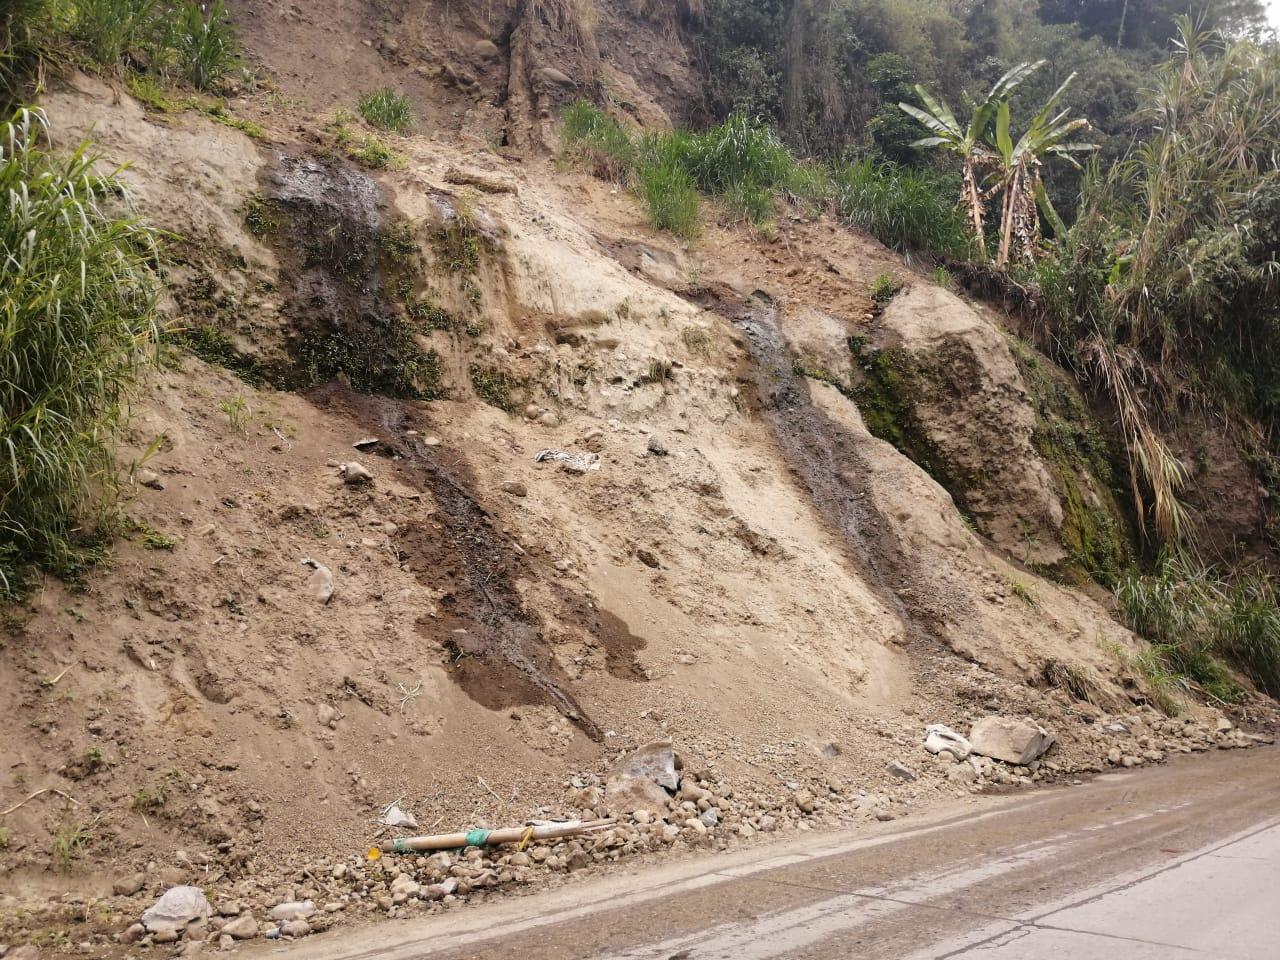 Avanzan trabajos de mitigación en el sector de La Vega